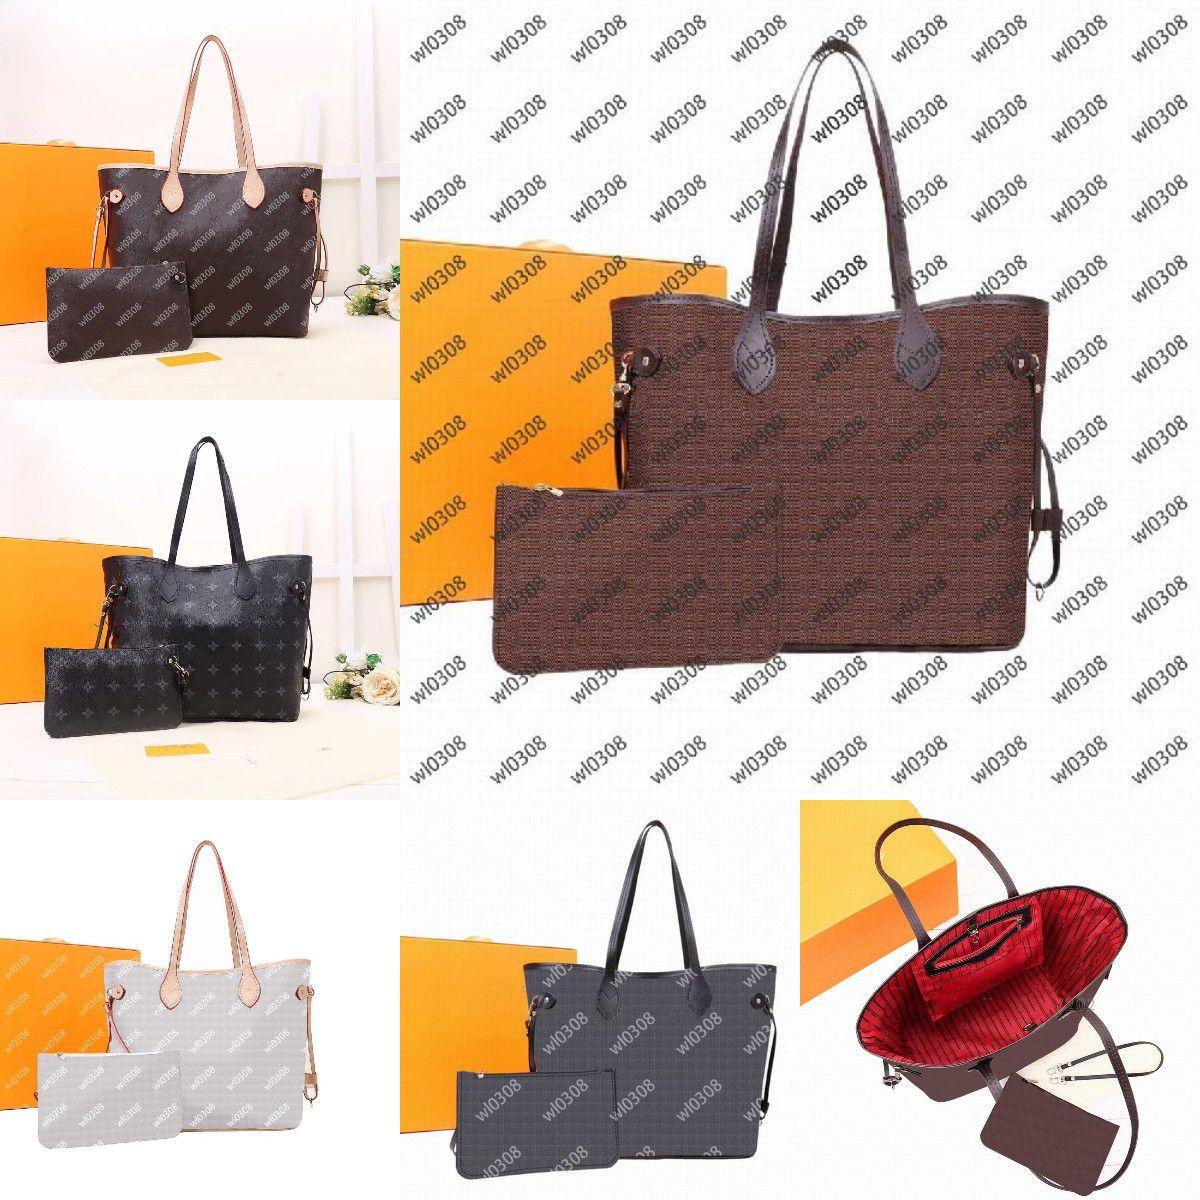 2021 العلامة التجارية أعلى جودة باريس نمط المصمم الشهير حقائب ل زهرة المرأة الفاخرة مصمم حقيبة الراقية أزياء المرأة اليد شحن مجاني